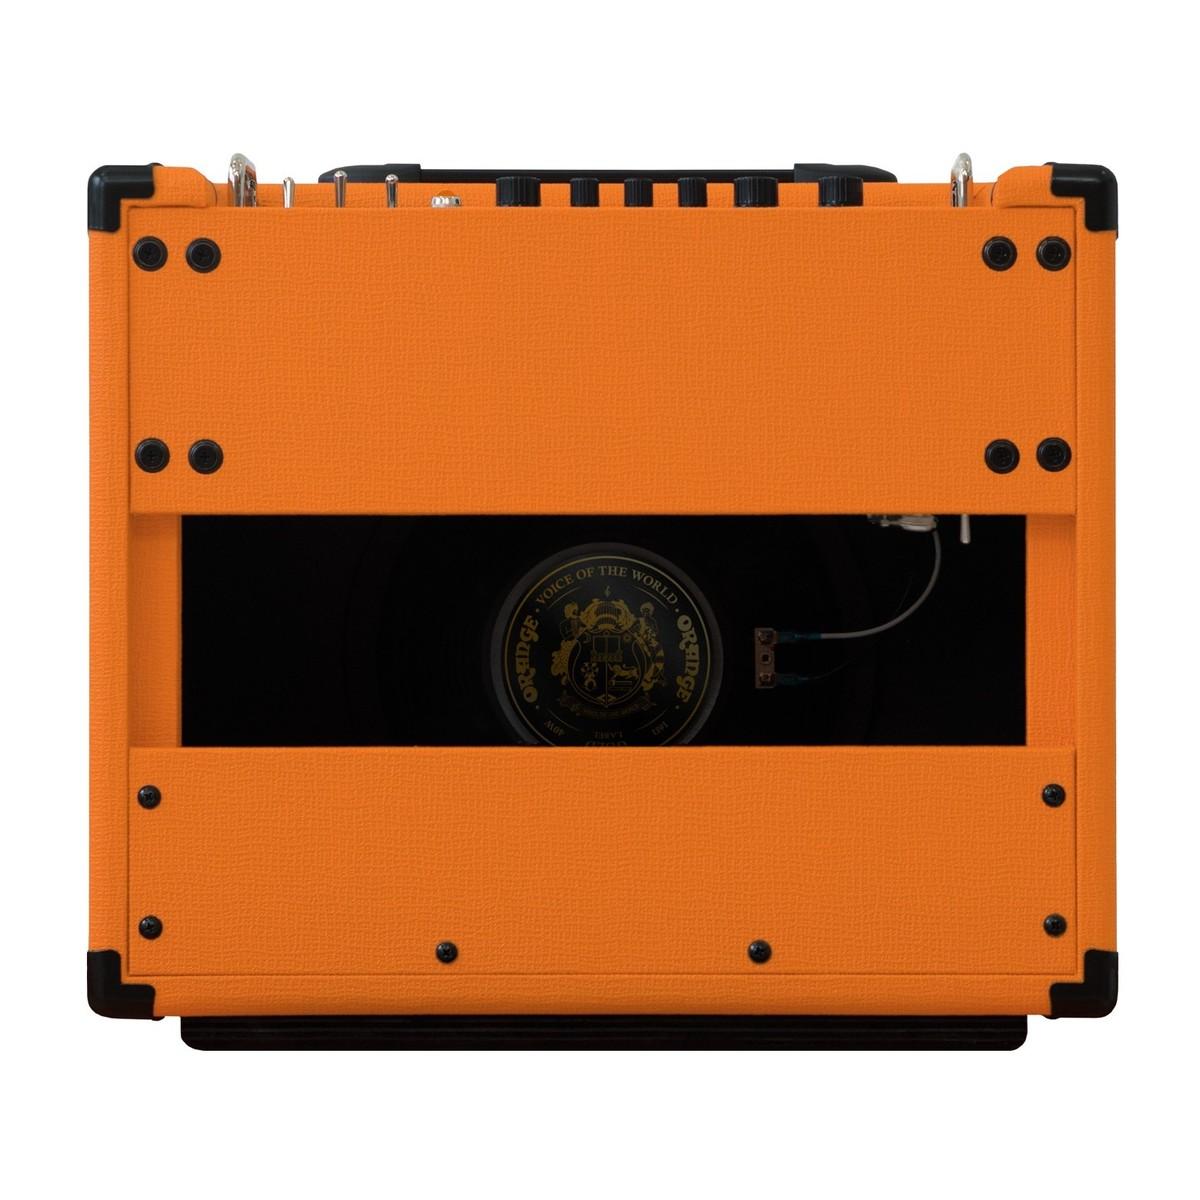 b7886568d24b9 Orange Rocker 15 - Amplificador Combo de Guitarra na Gear4Music.com